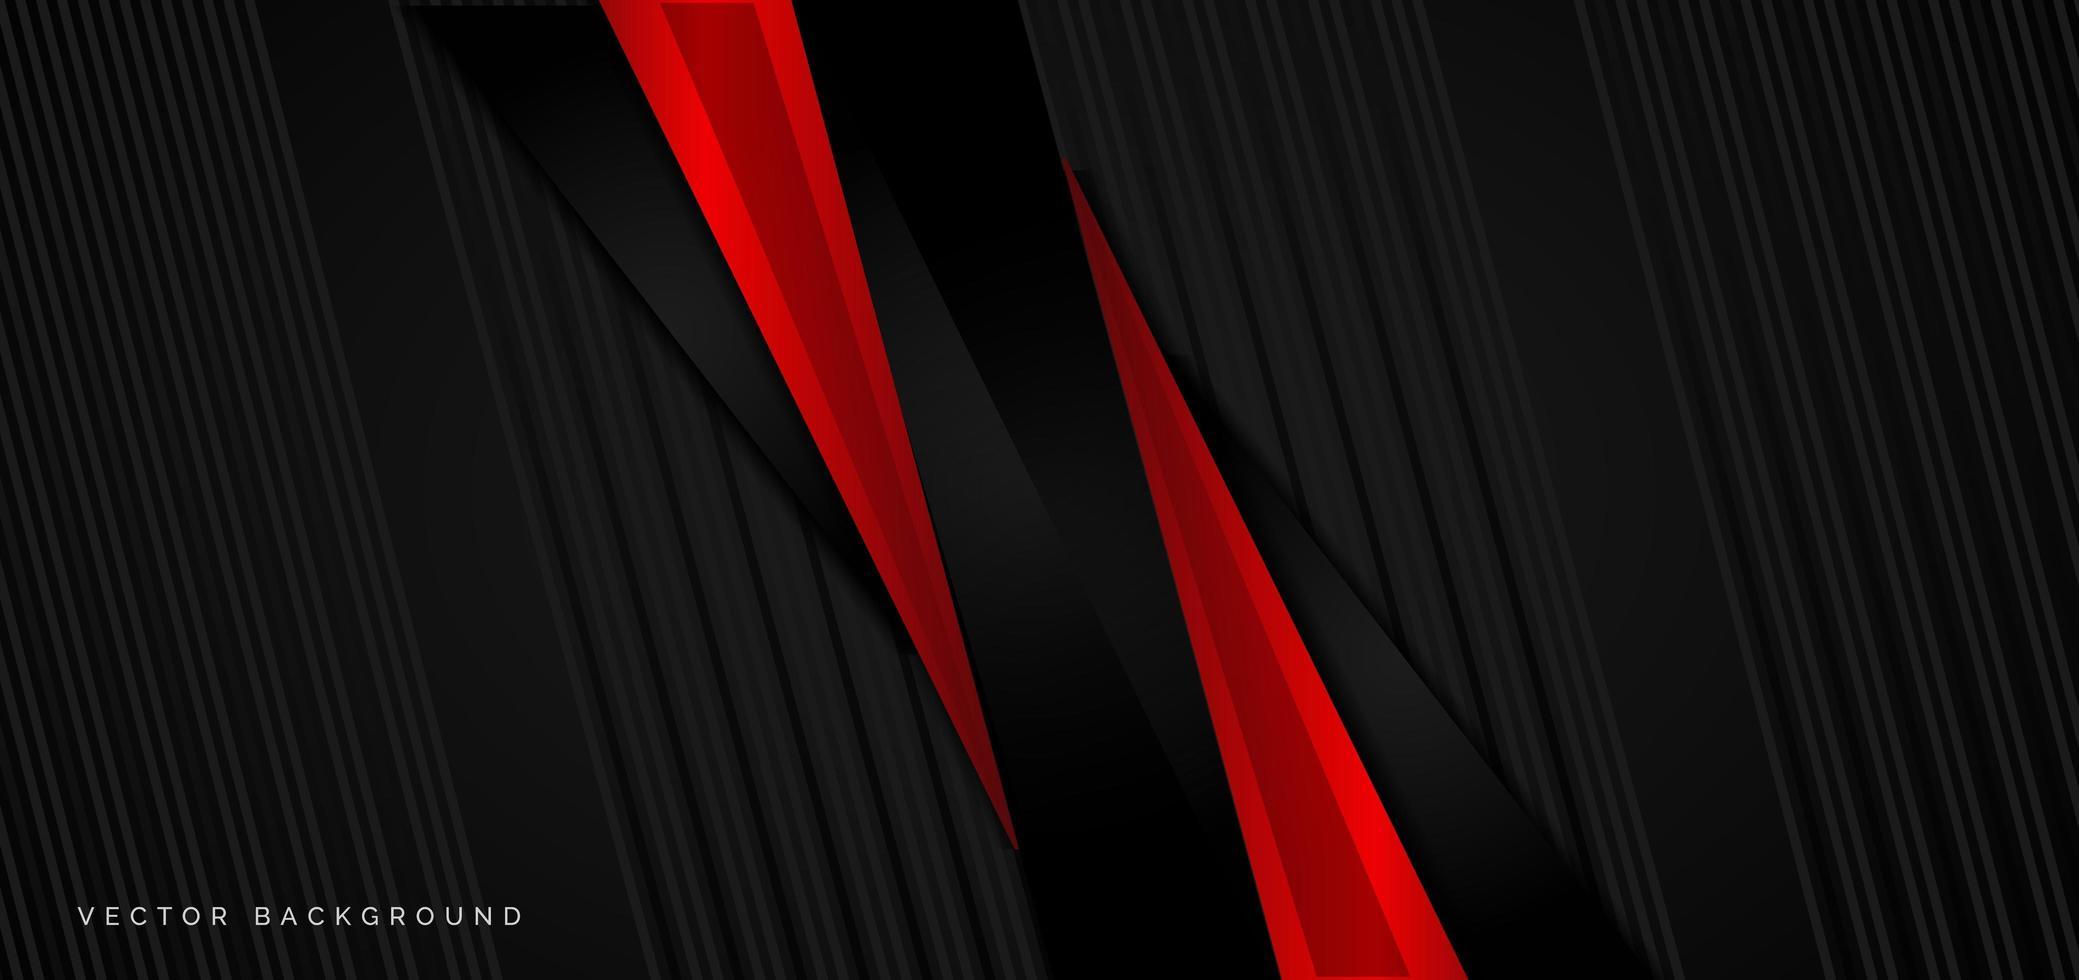 modelo de banner de fundo abstrato vermelho e preto corporativo vetor